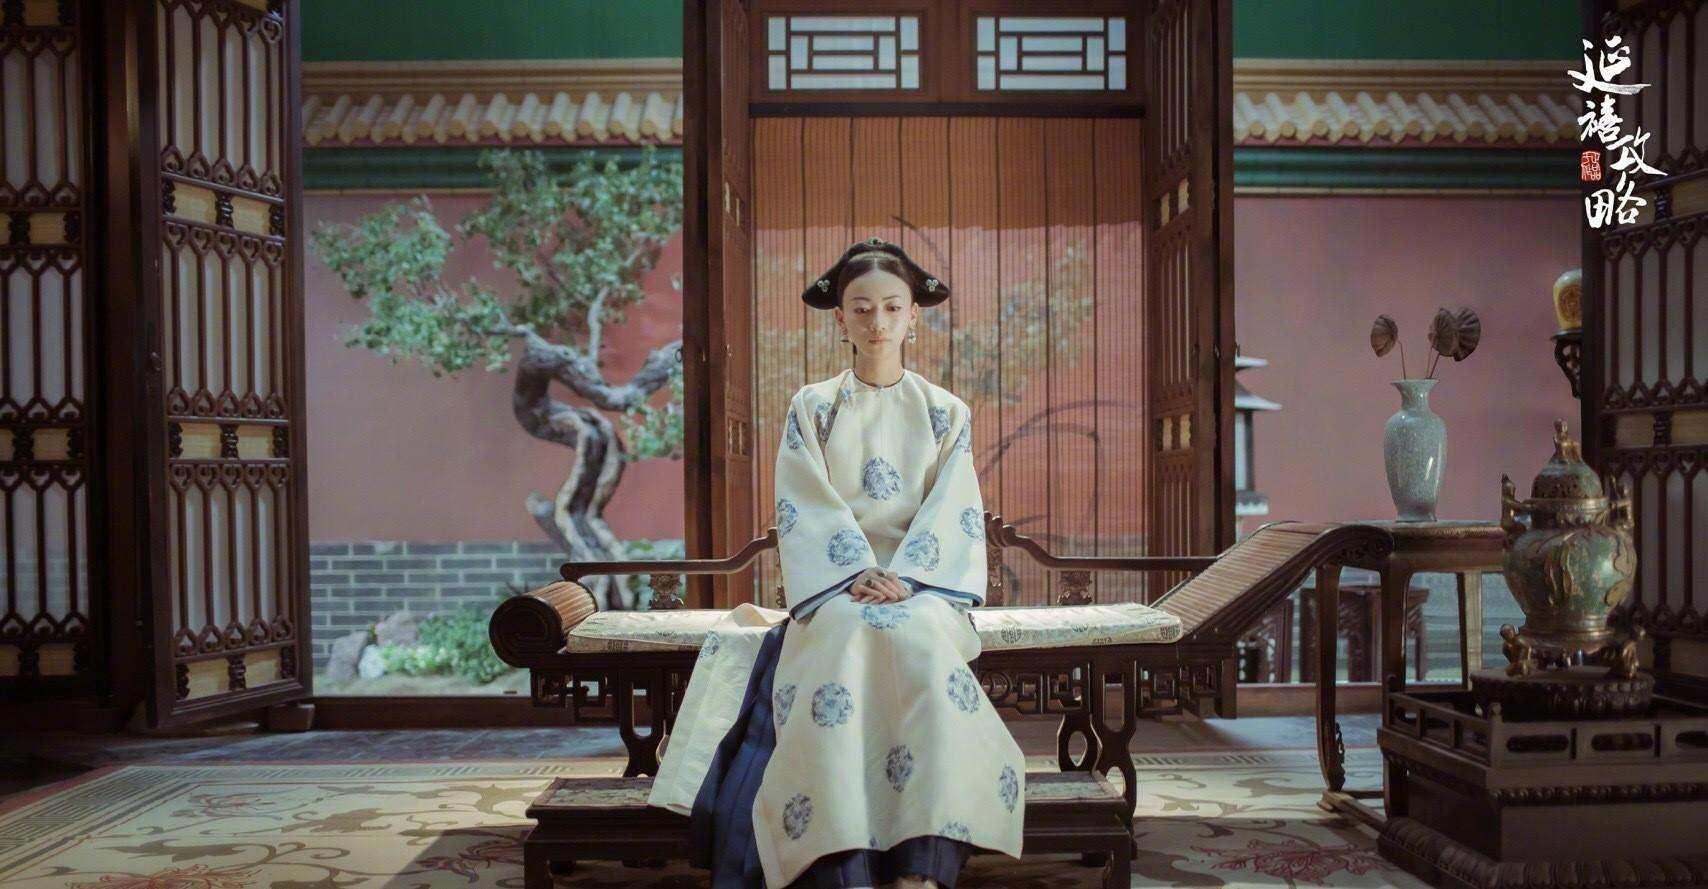 2018中国视频红皮书:短视频15秒有惊喜 电视剧爆款难求